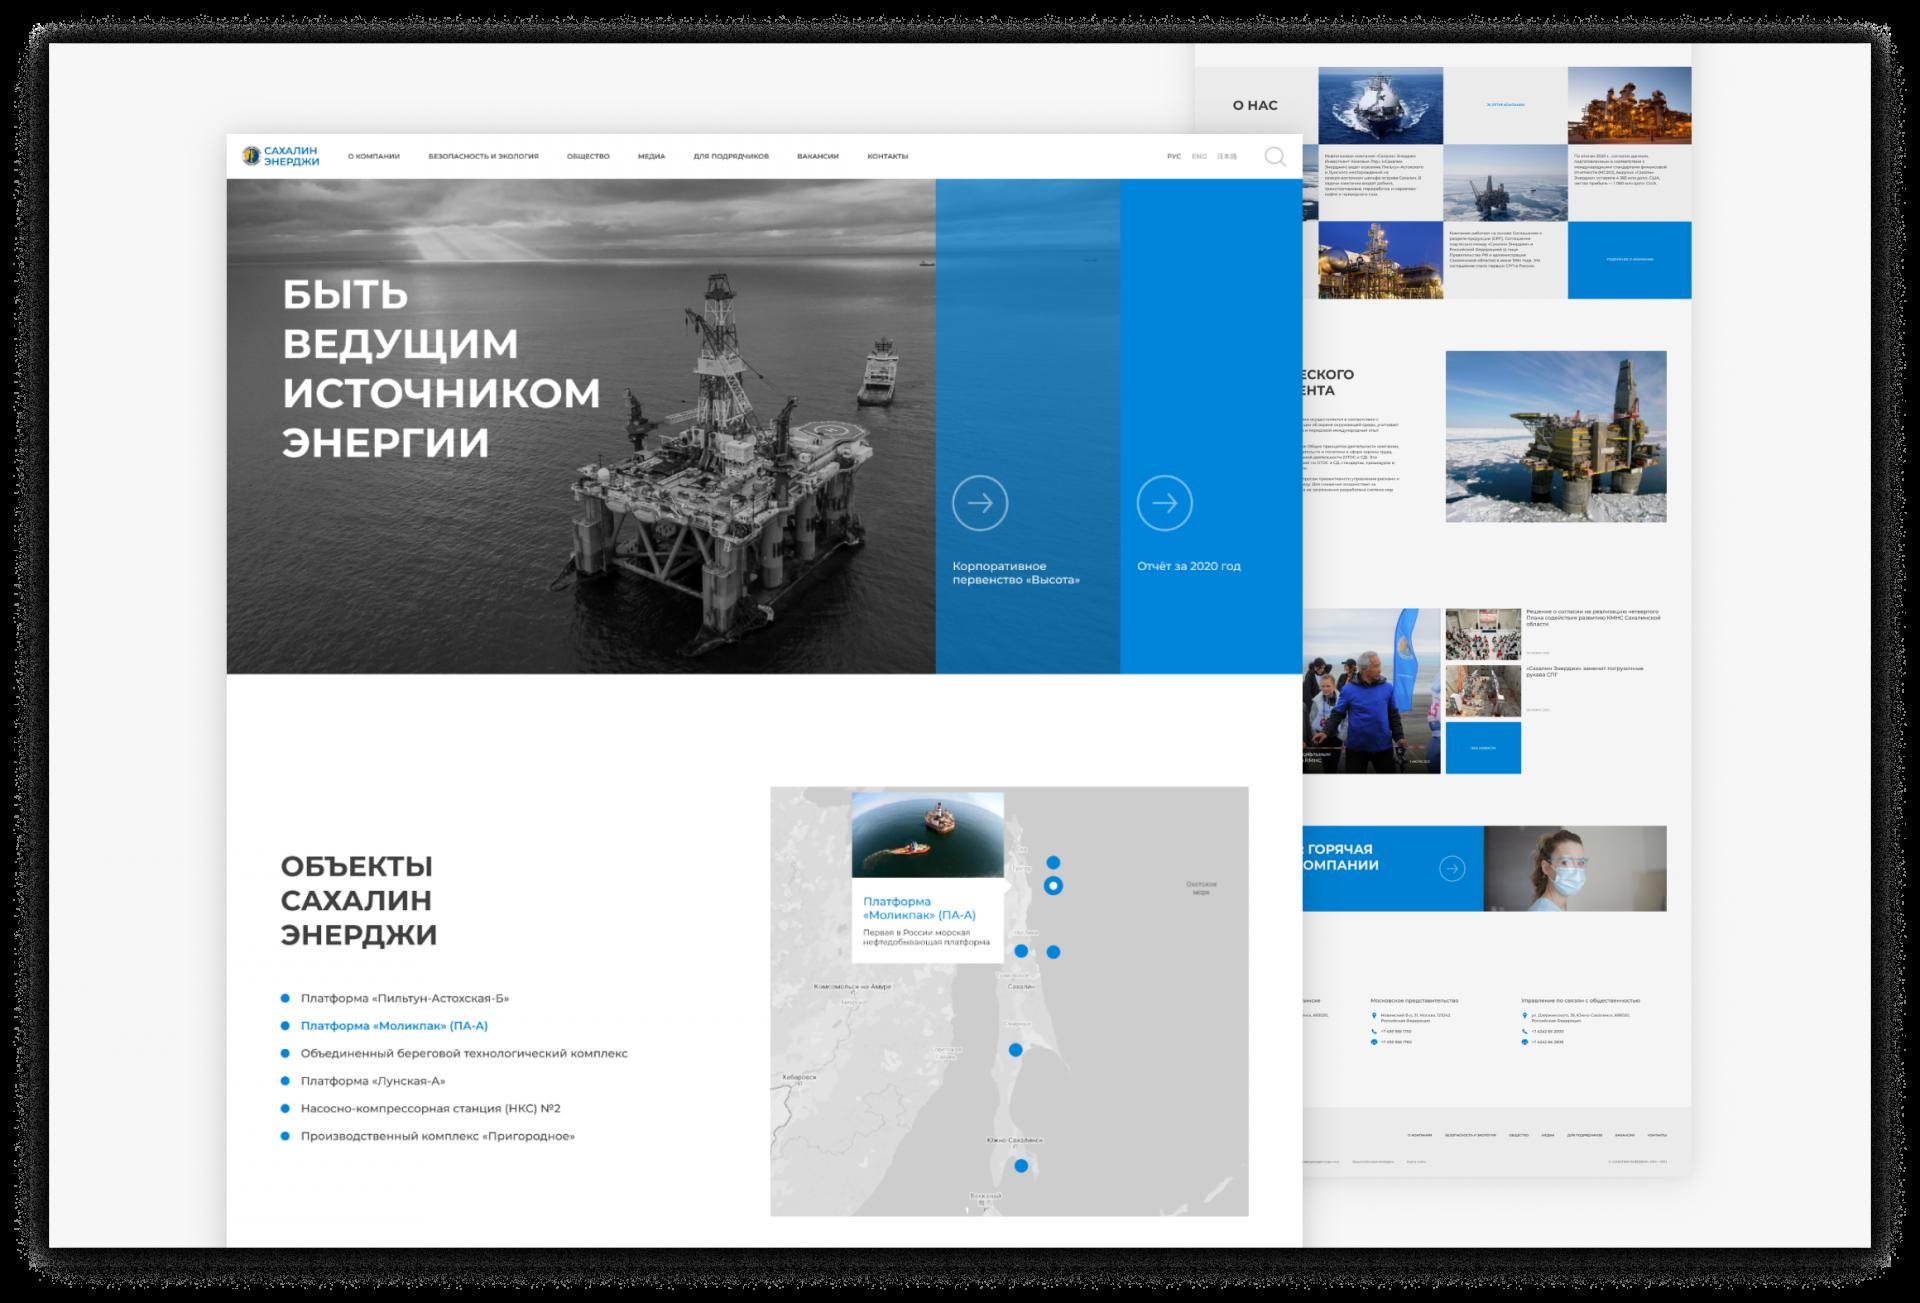 Редизайн главной страницы сайта нефтегазовой компании «Сахалин Энерджи» 7